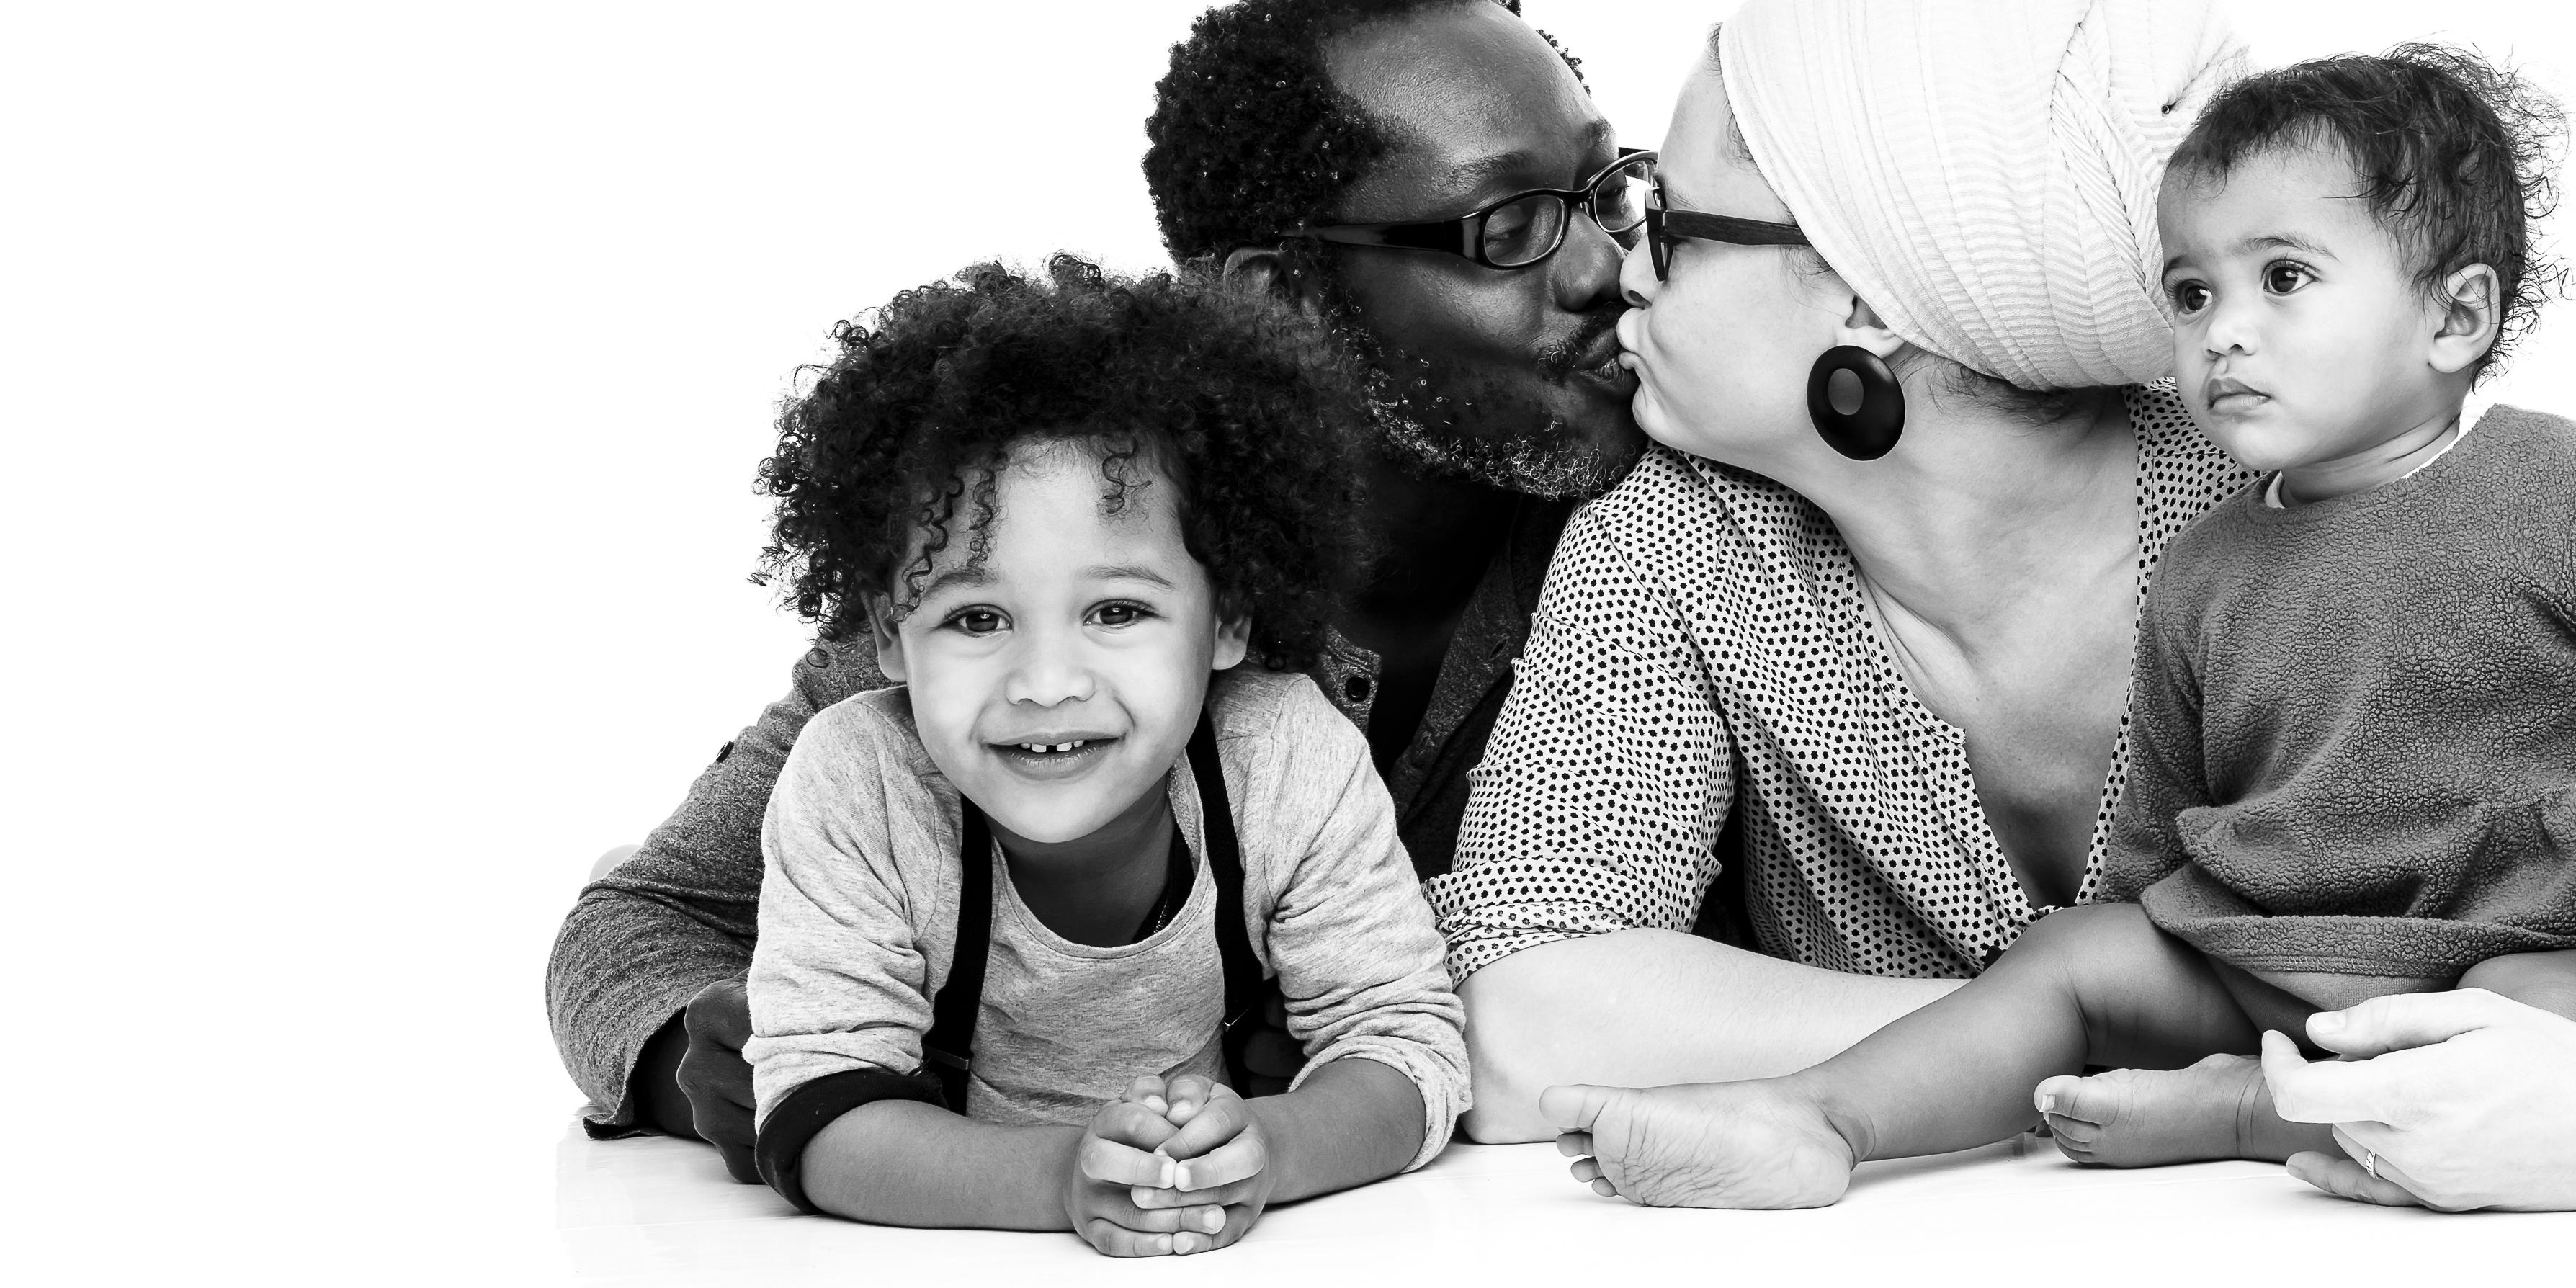 Familienfotografie Familienportrait in Schwarzweiss